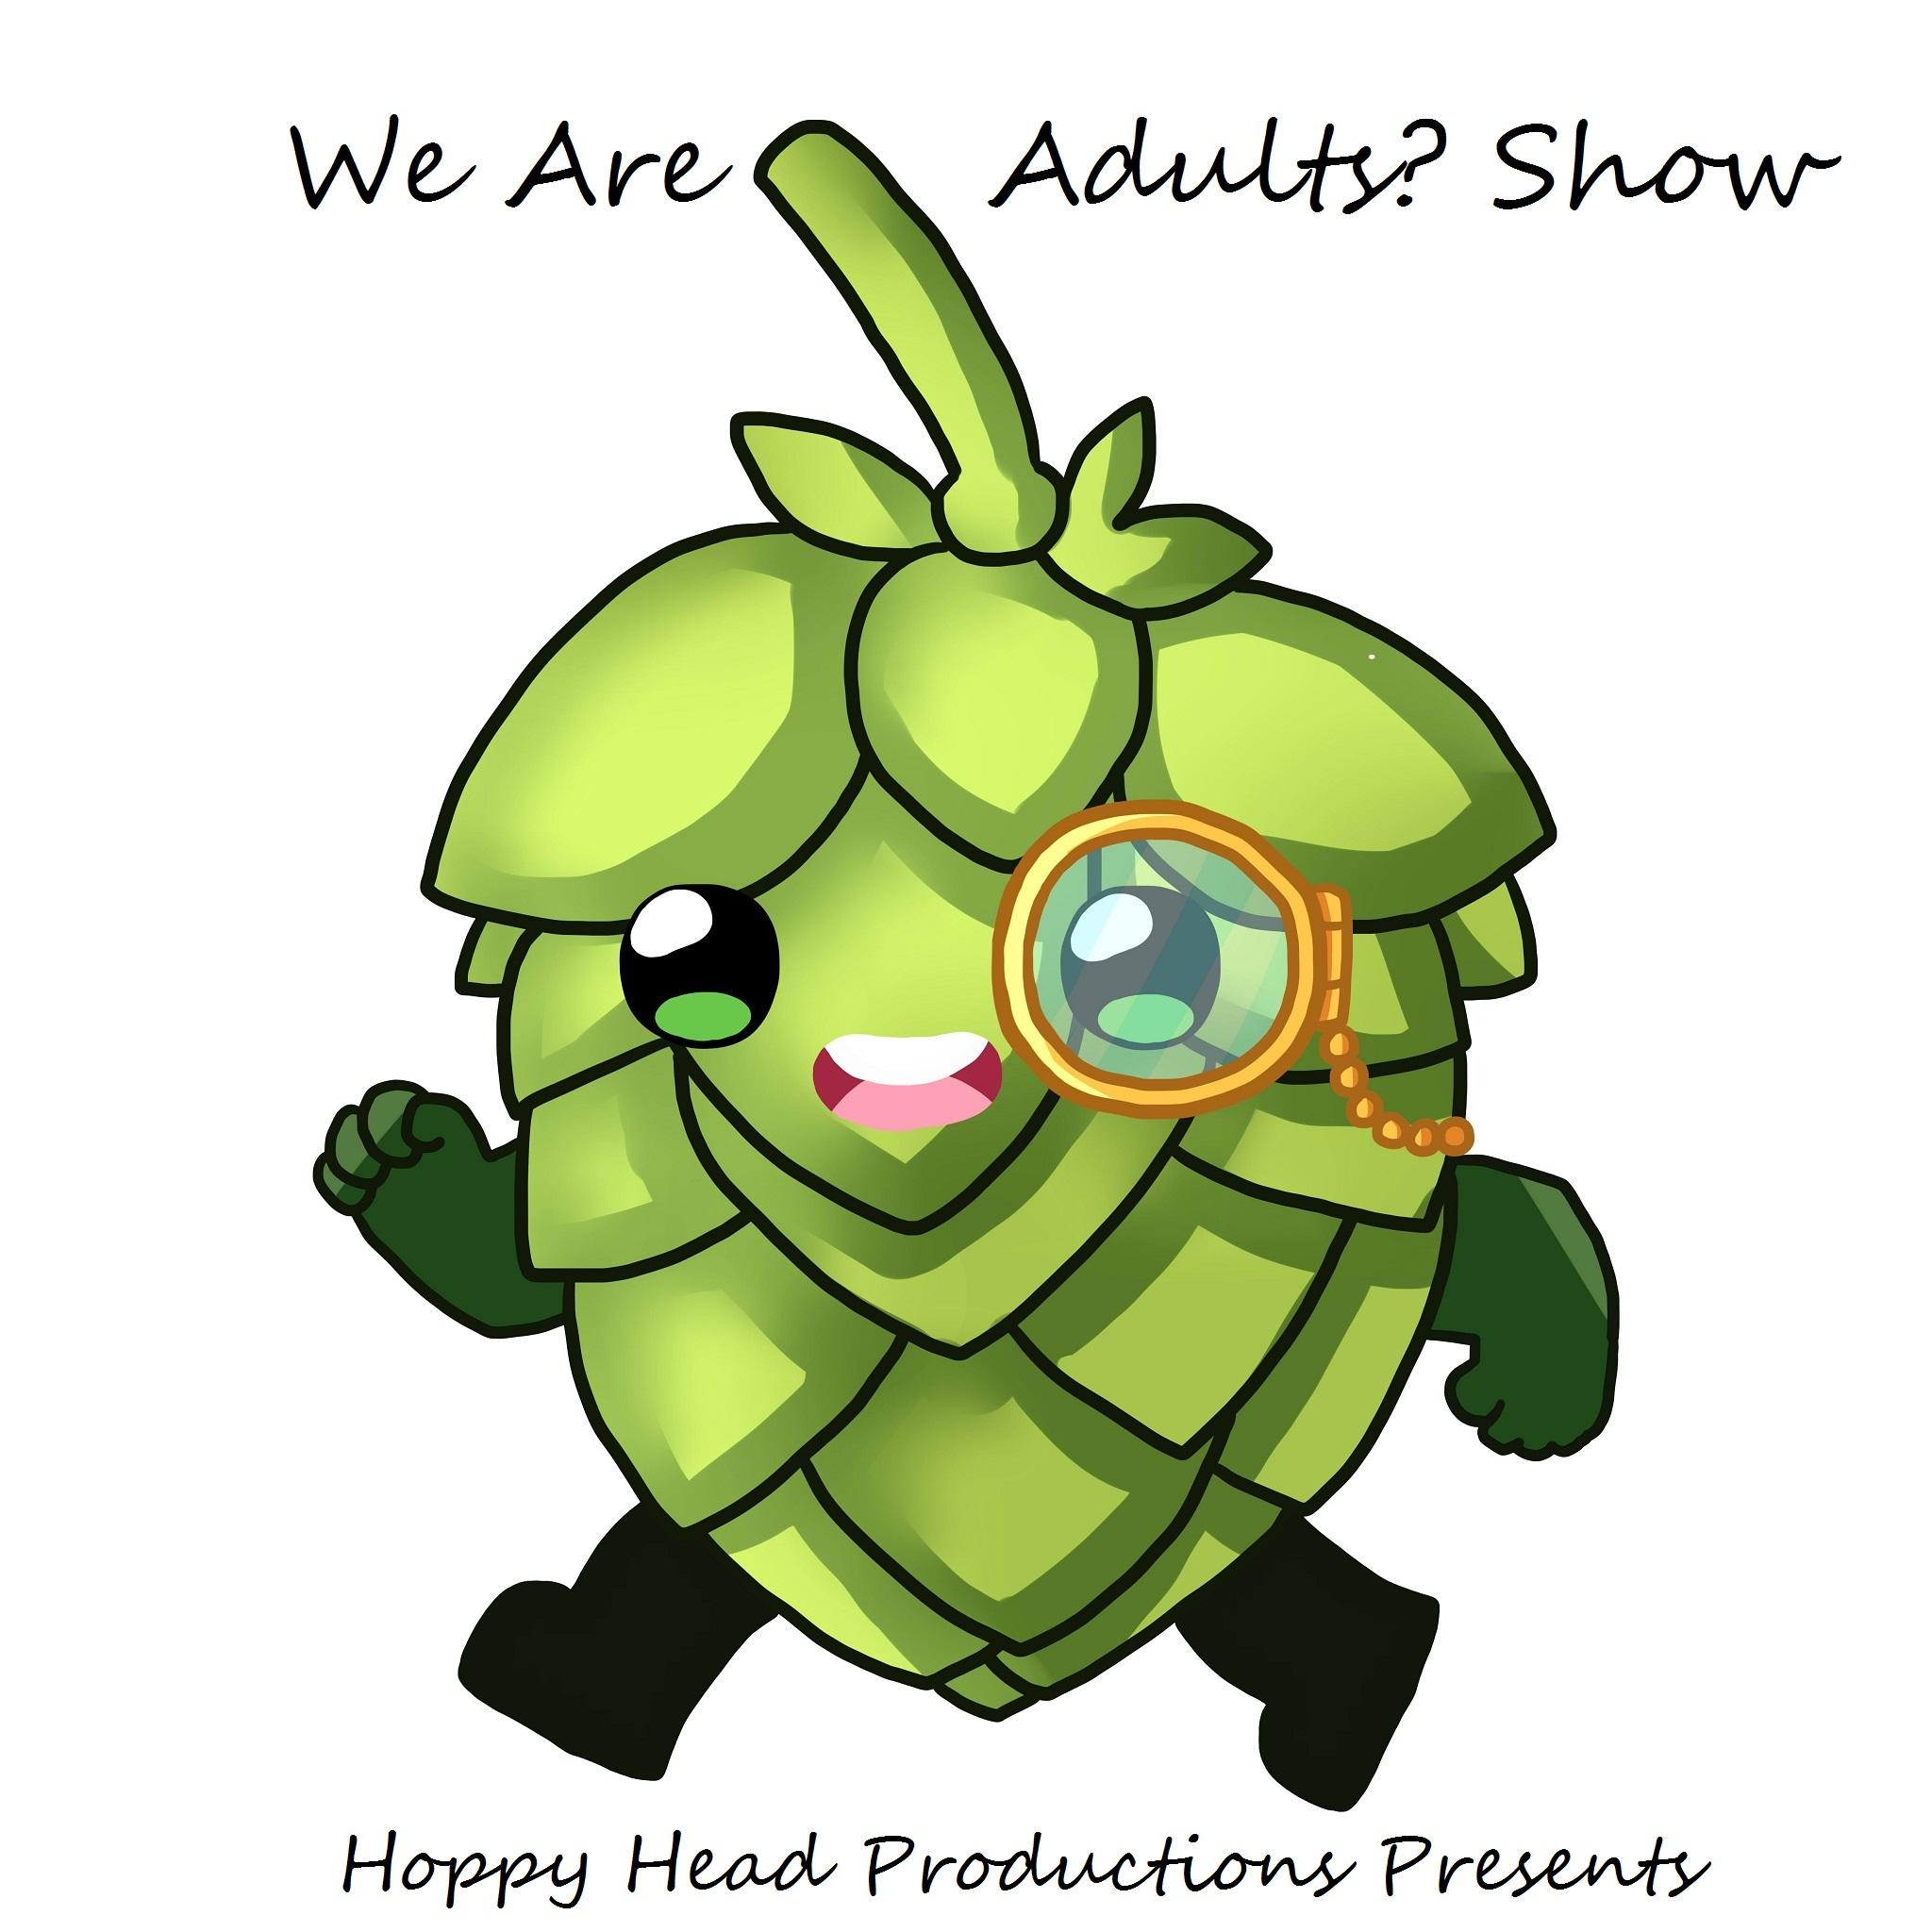 Hoppy Head Productions